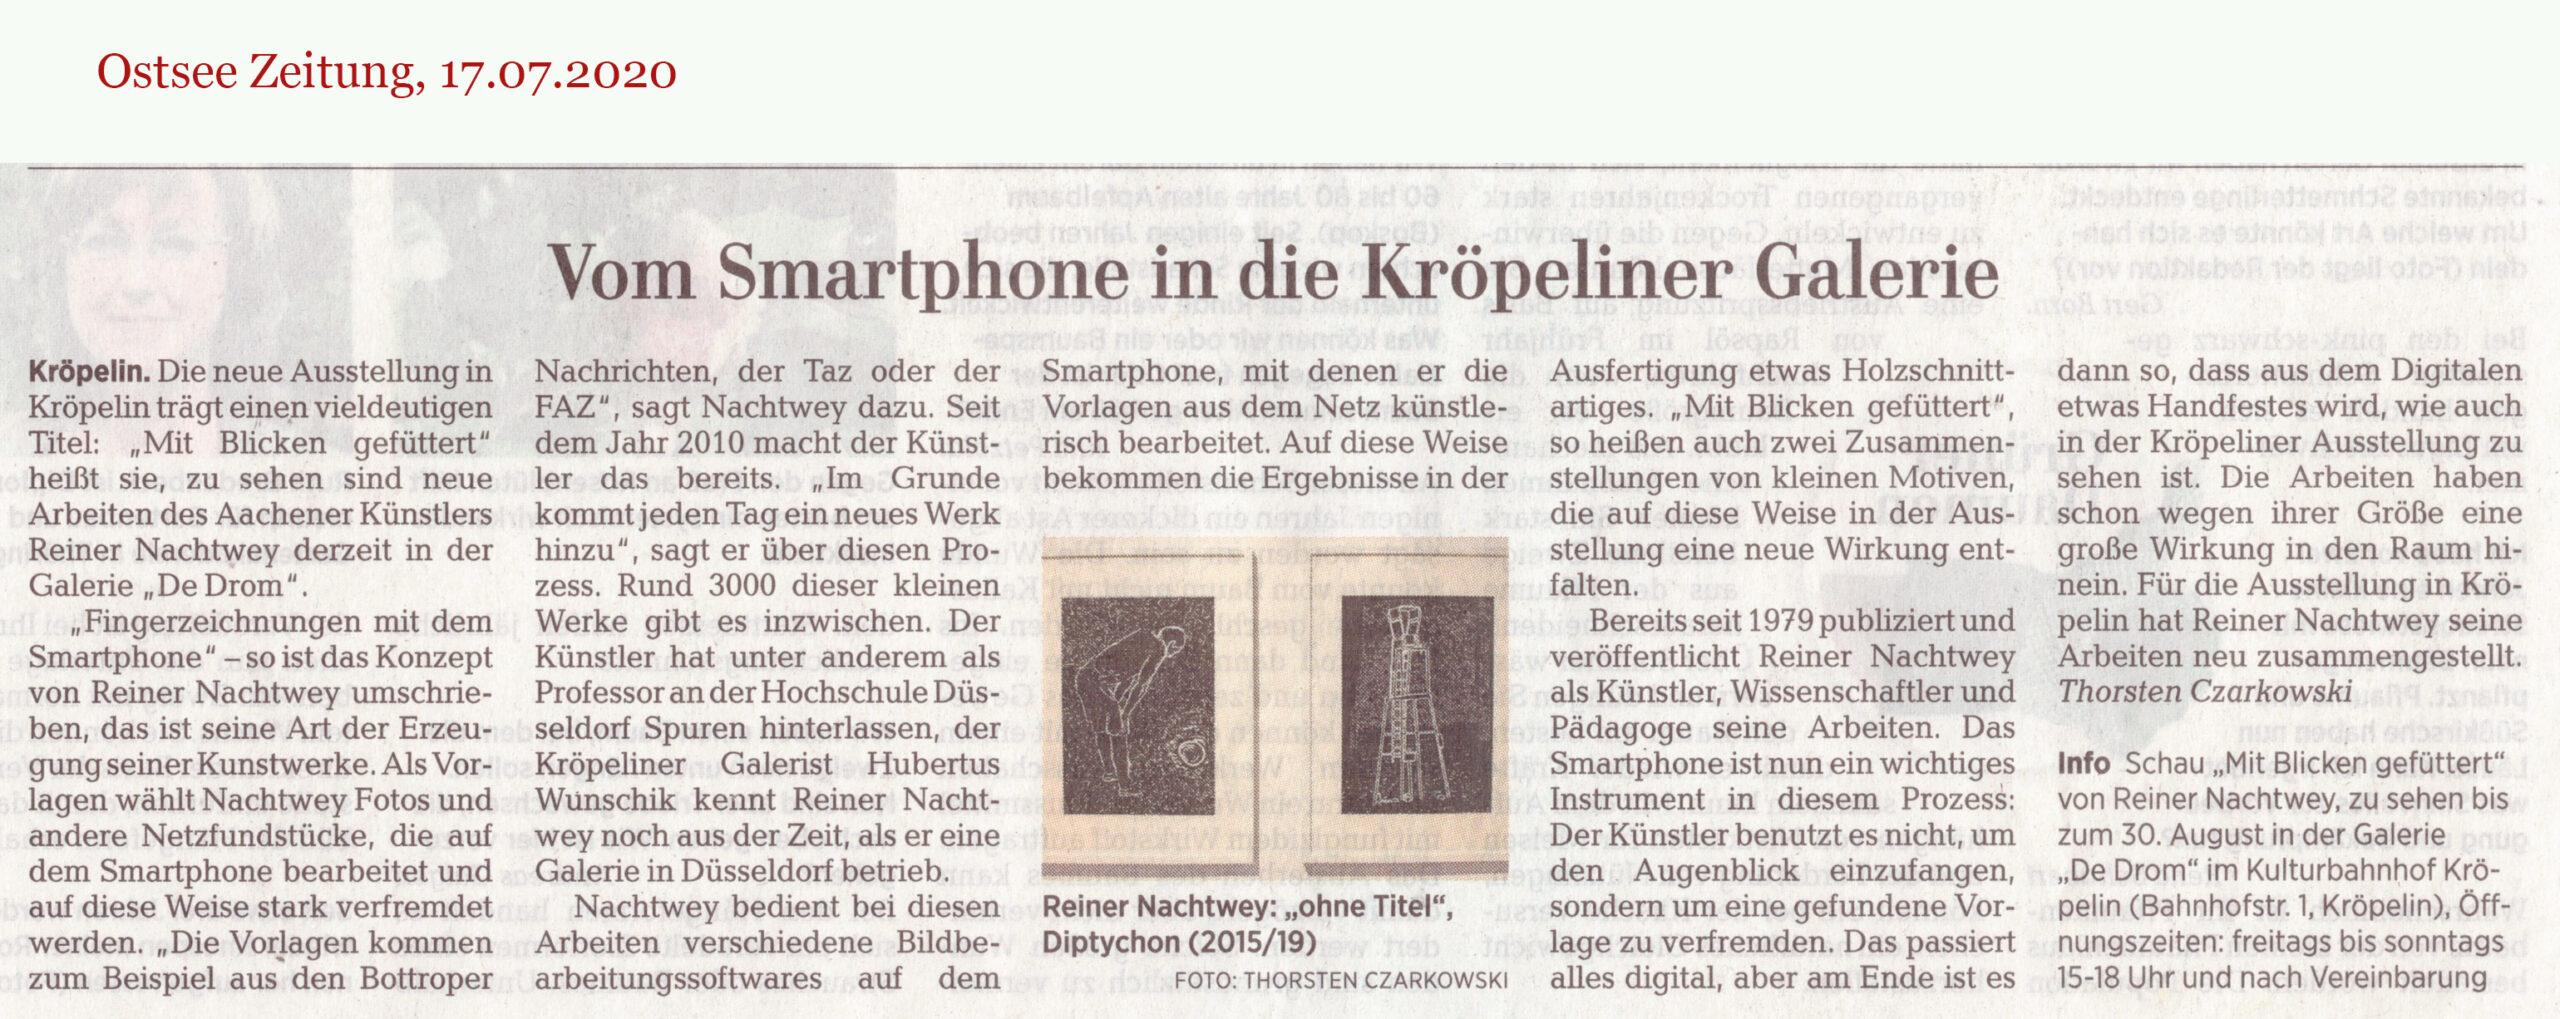 Ostseezeitung Artikel 17.7.2020